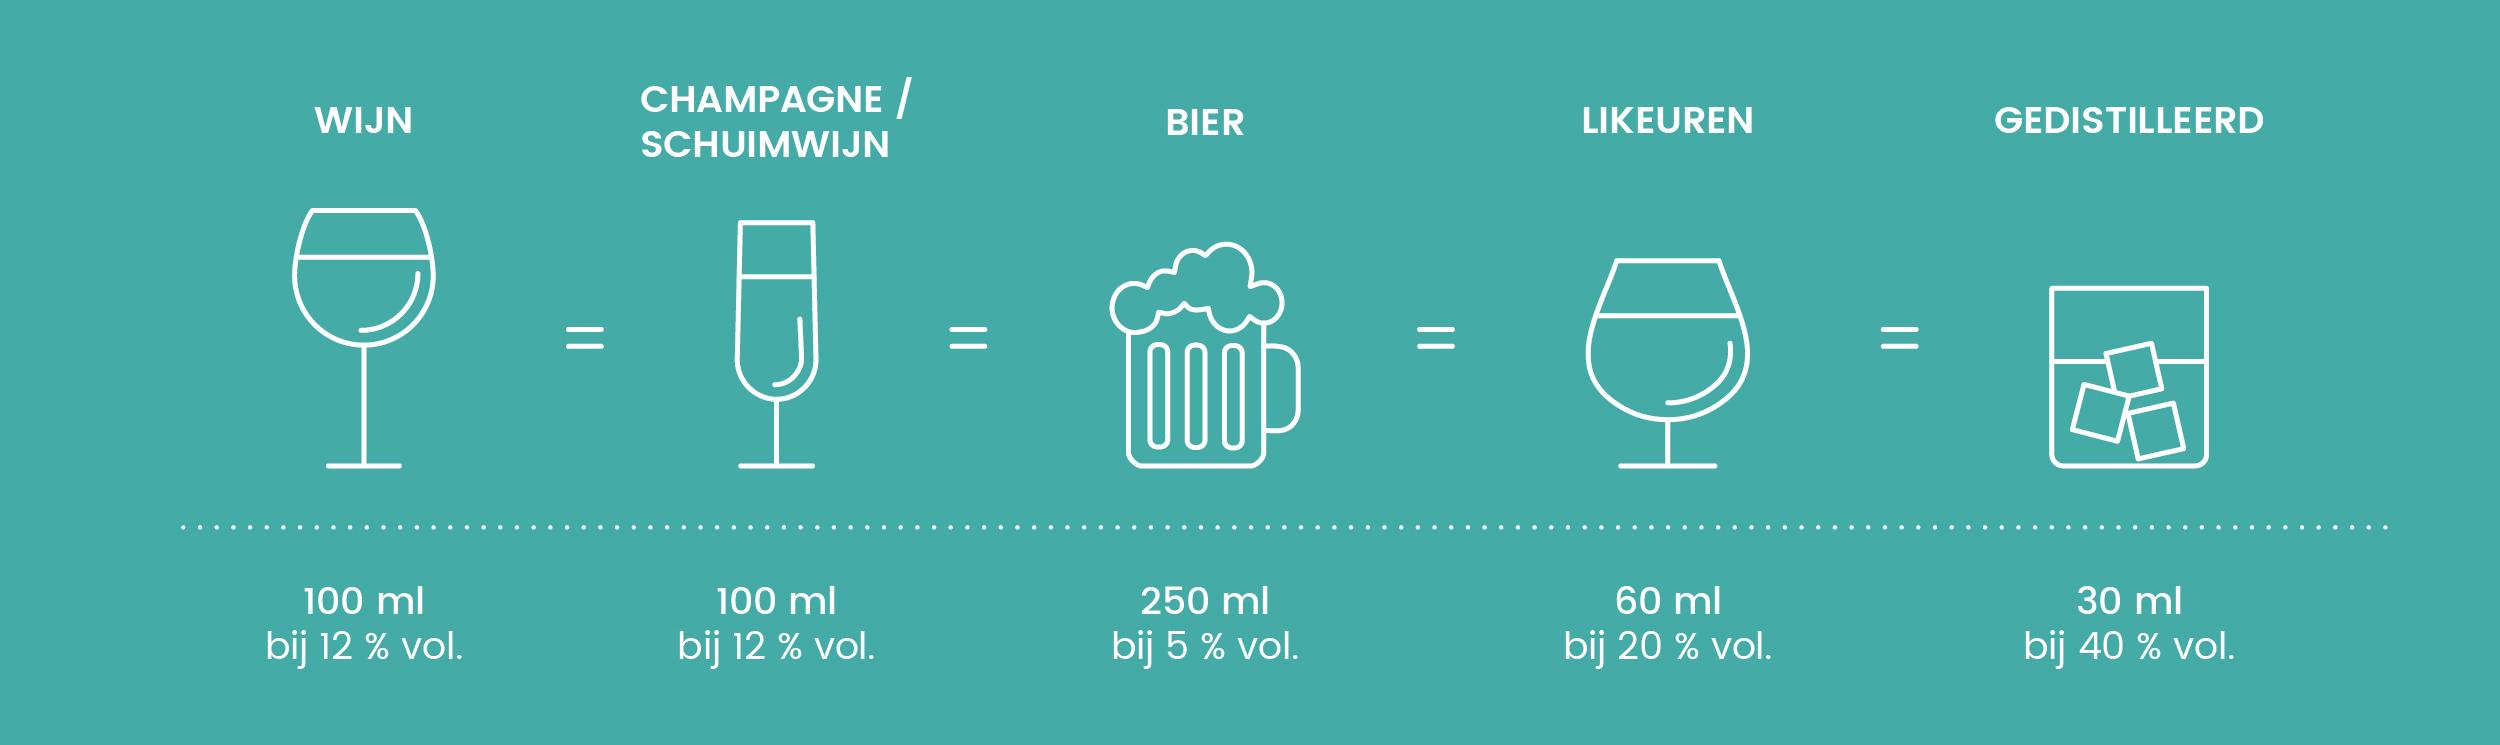 info-alcohol-vergelijking-NL